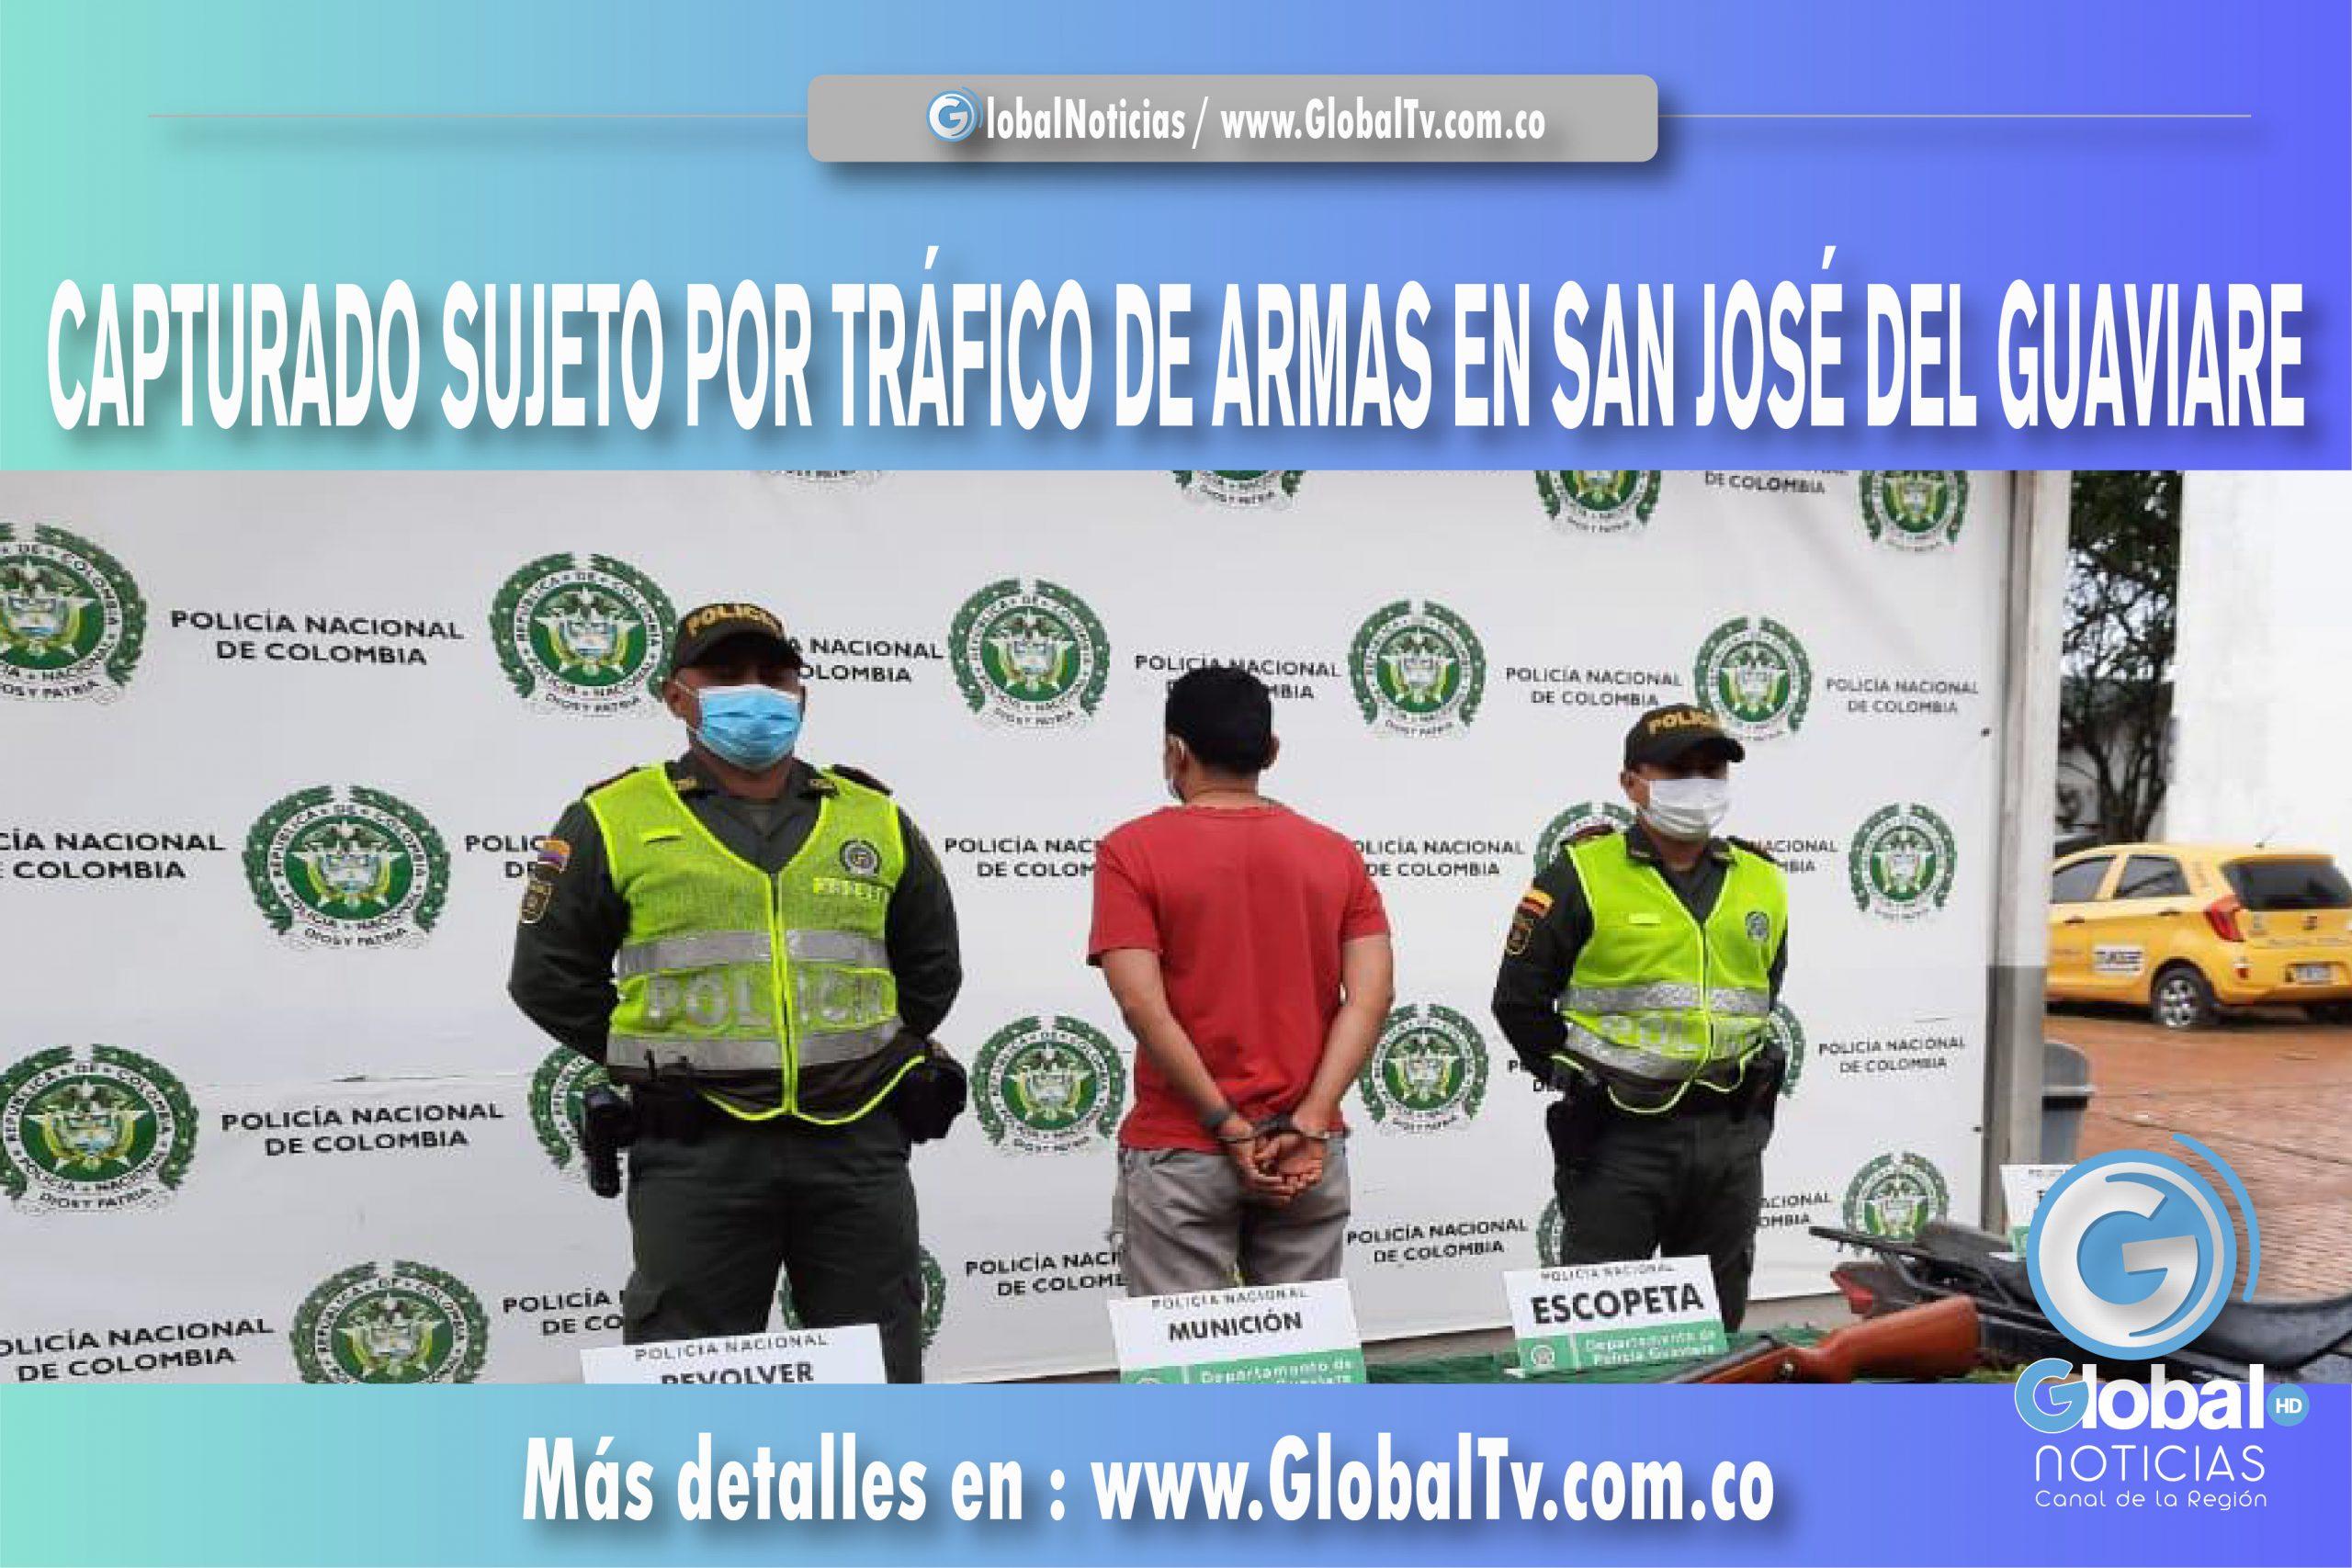 CAPTURADO SUJETO POR TRÁFICO DE ARMAS EN SAN JOSÉ DEL GUAVIARE